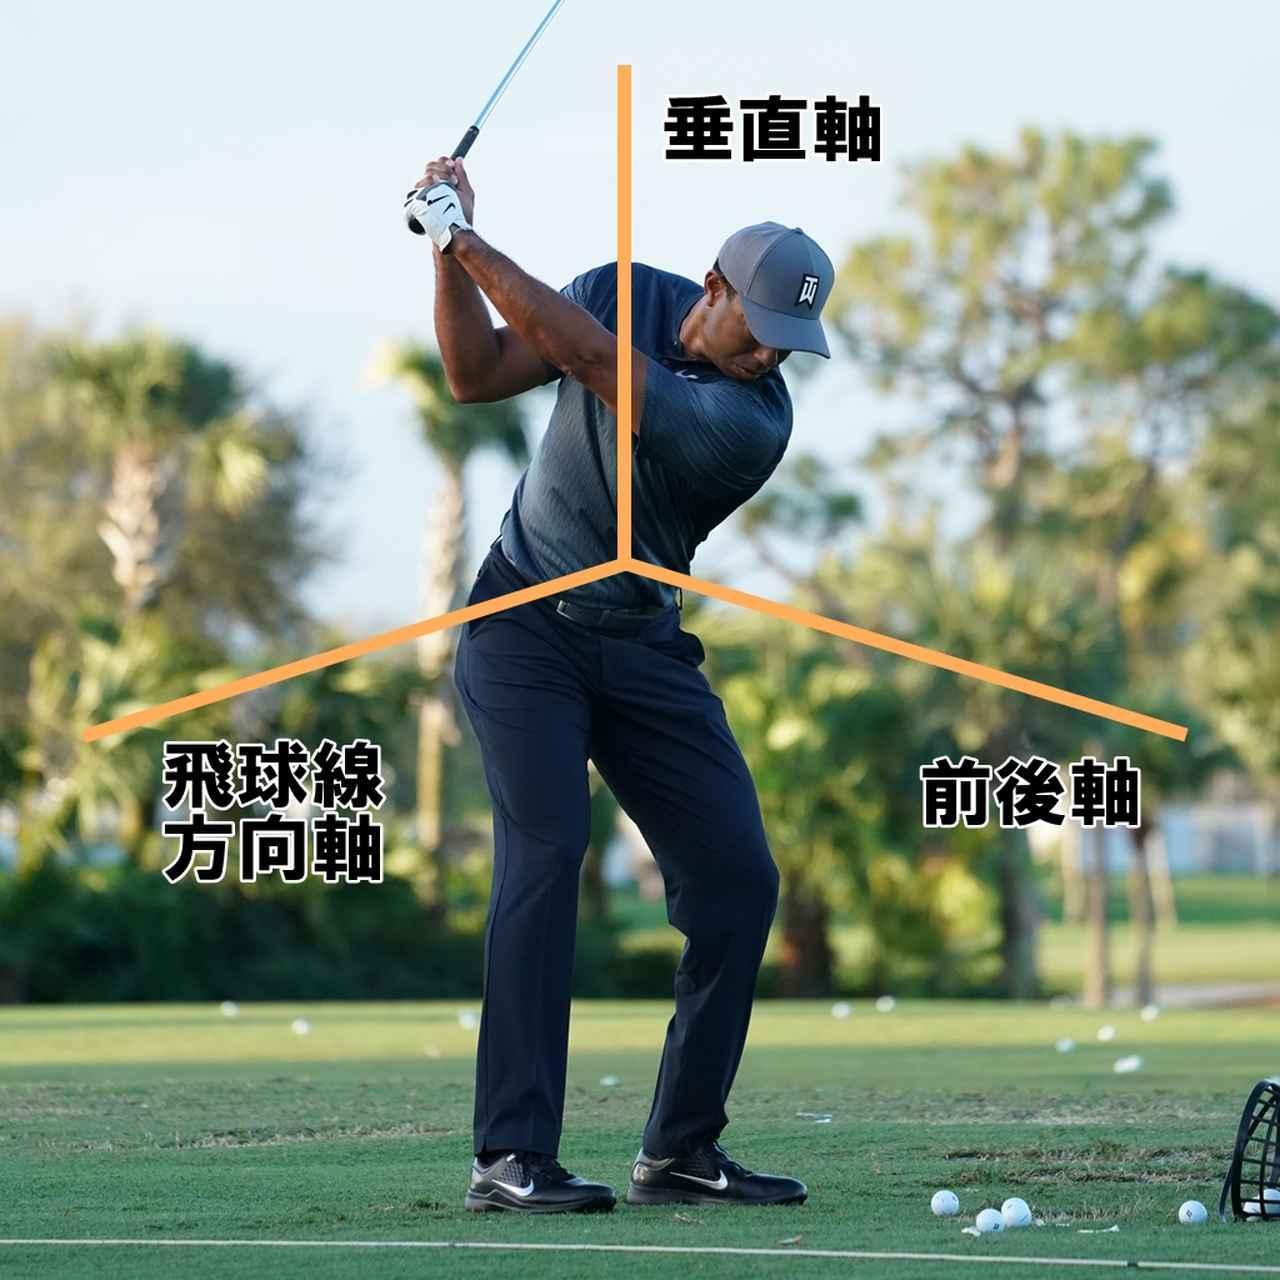 画像: ゴルフスウィングには3つの軸があるという